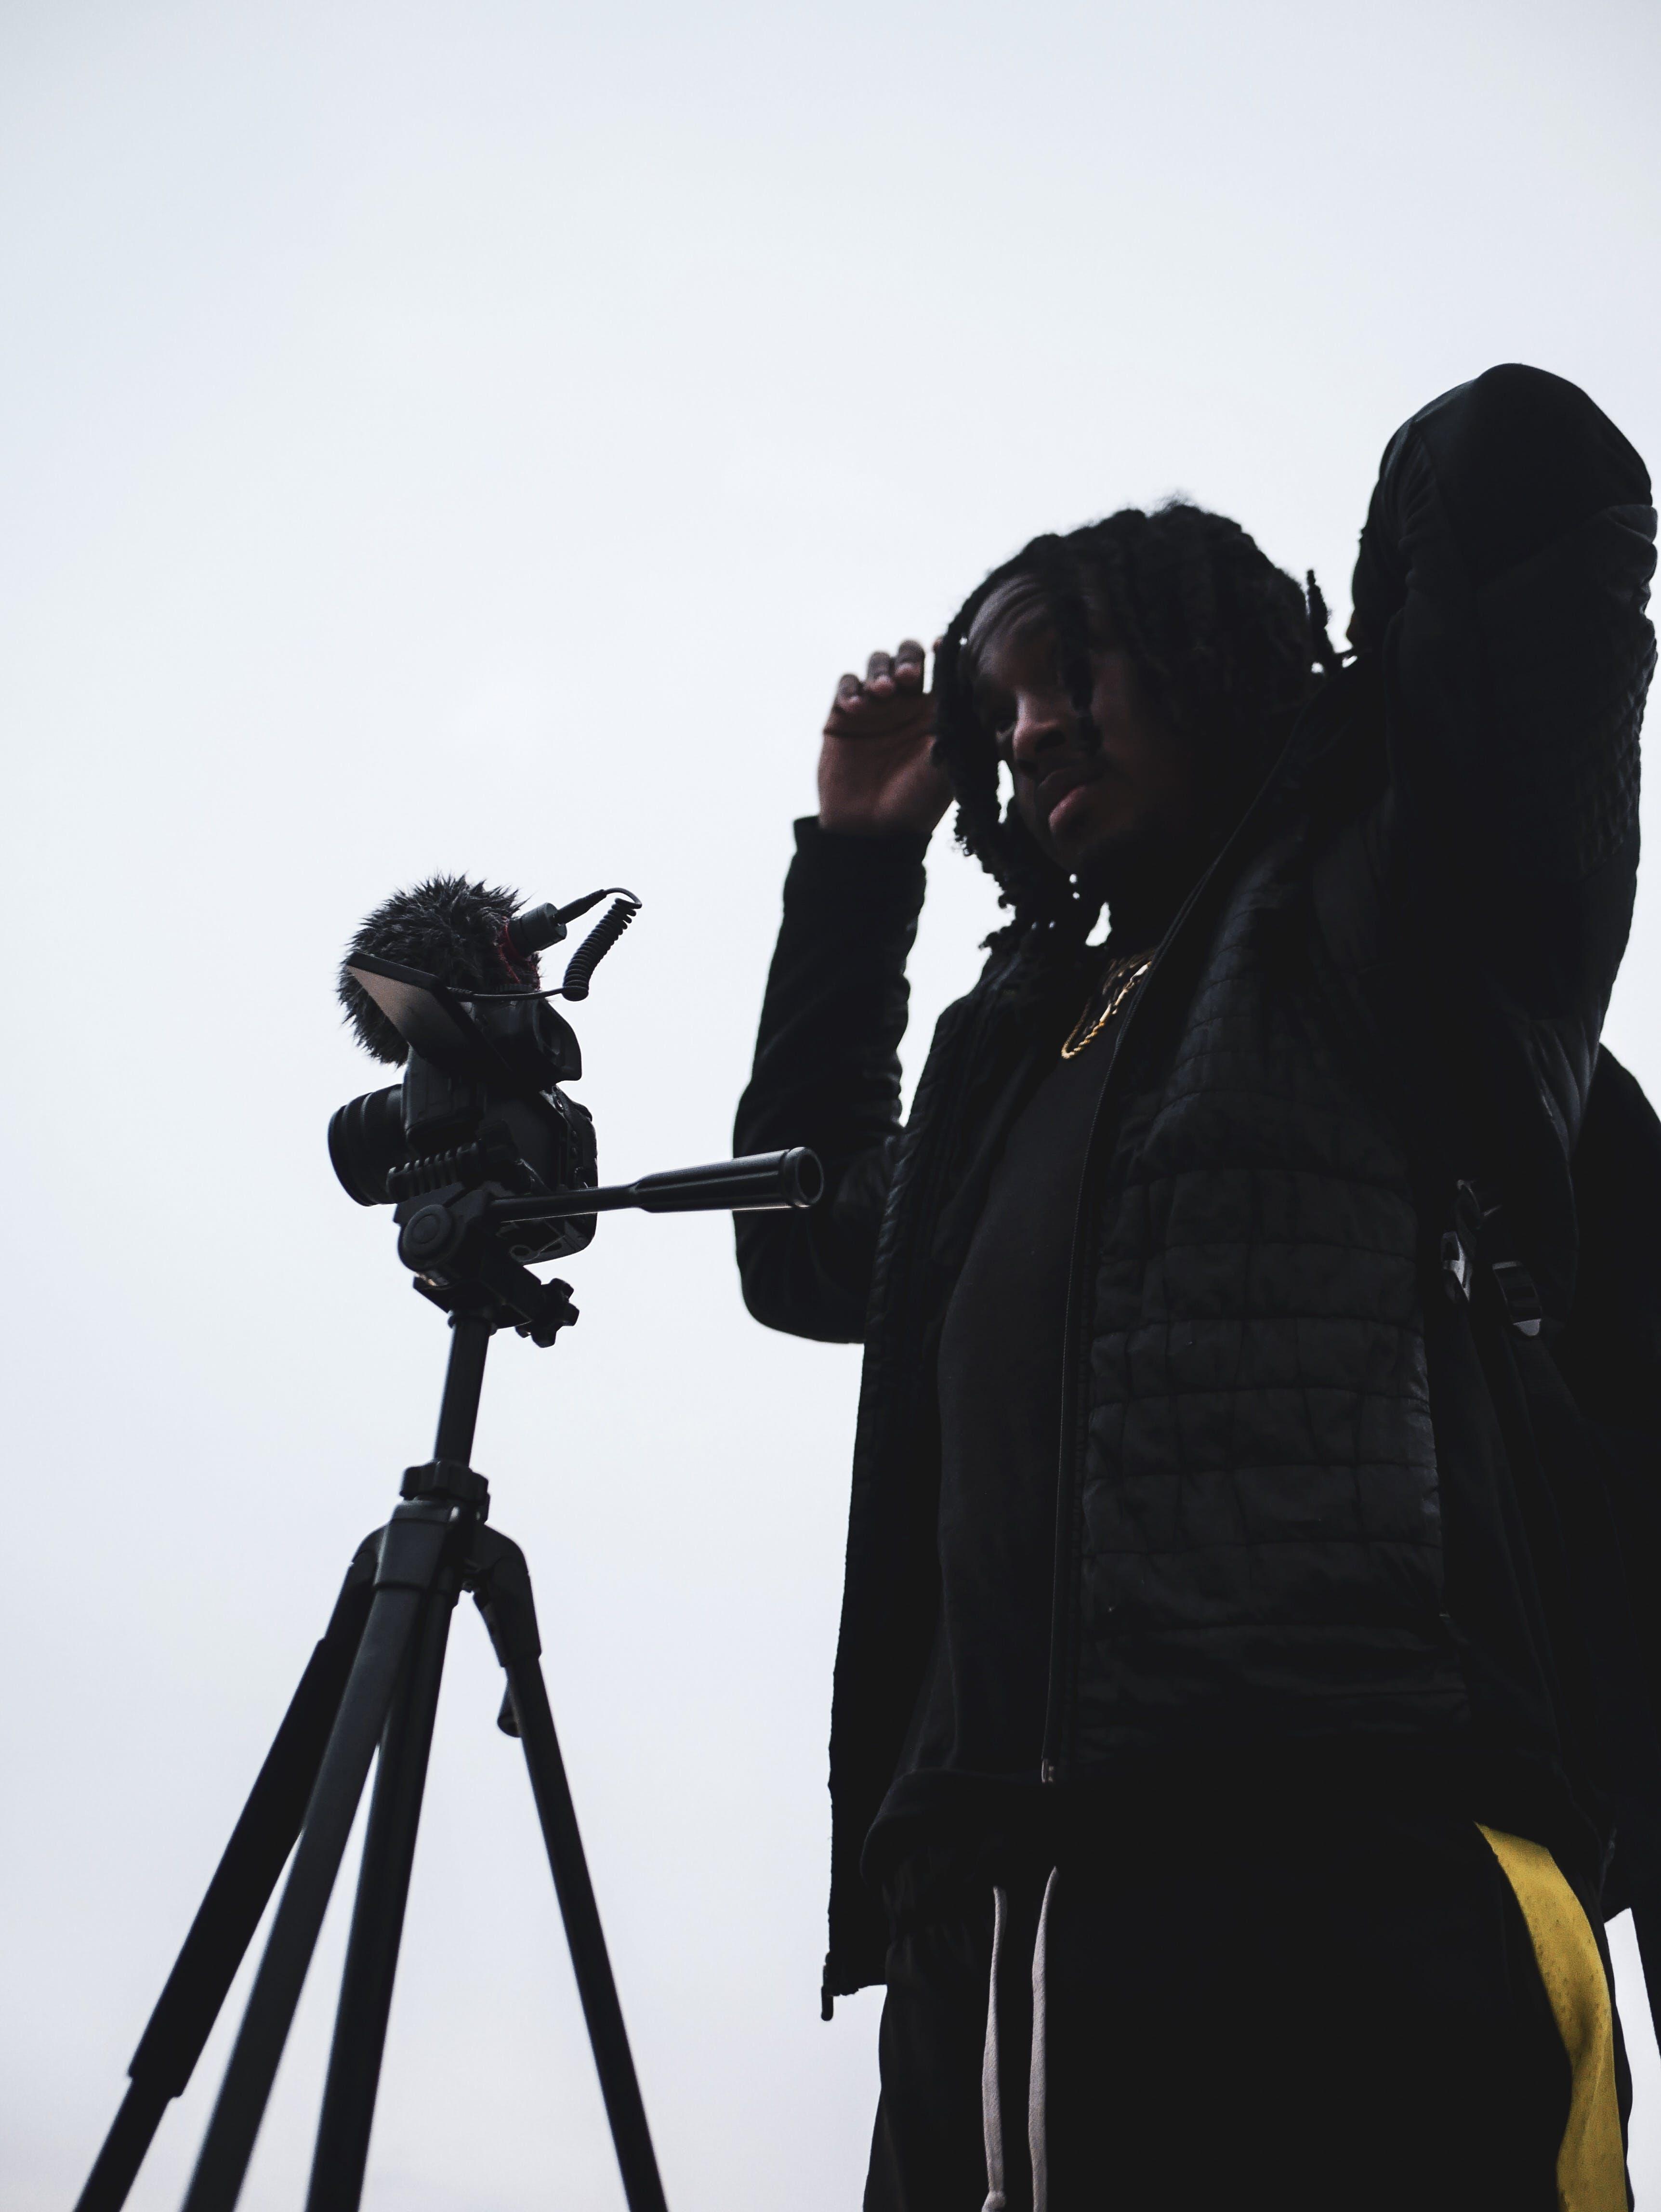 Kostnadsfri bild av dagsljus, ha på sig, kamera, lins